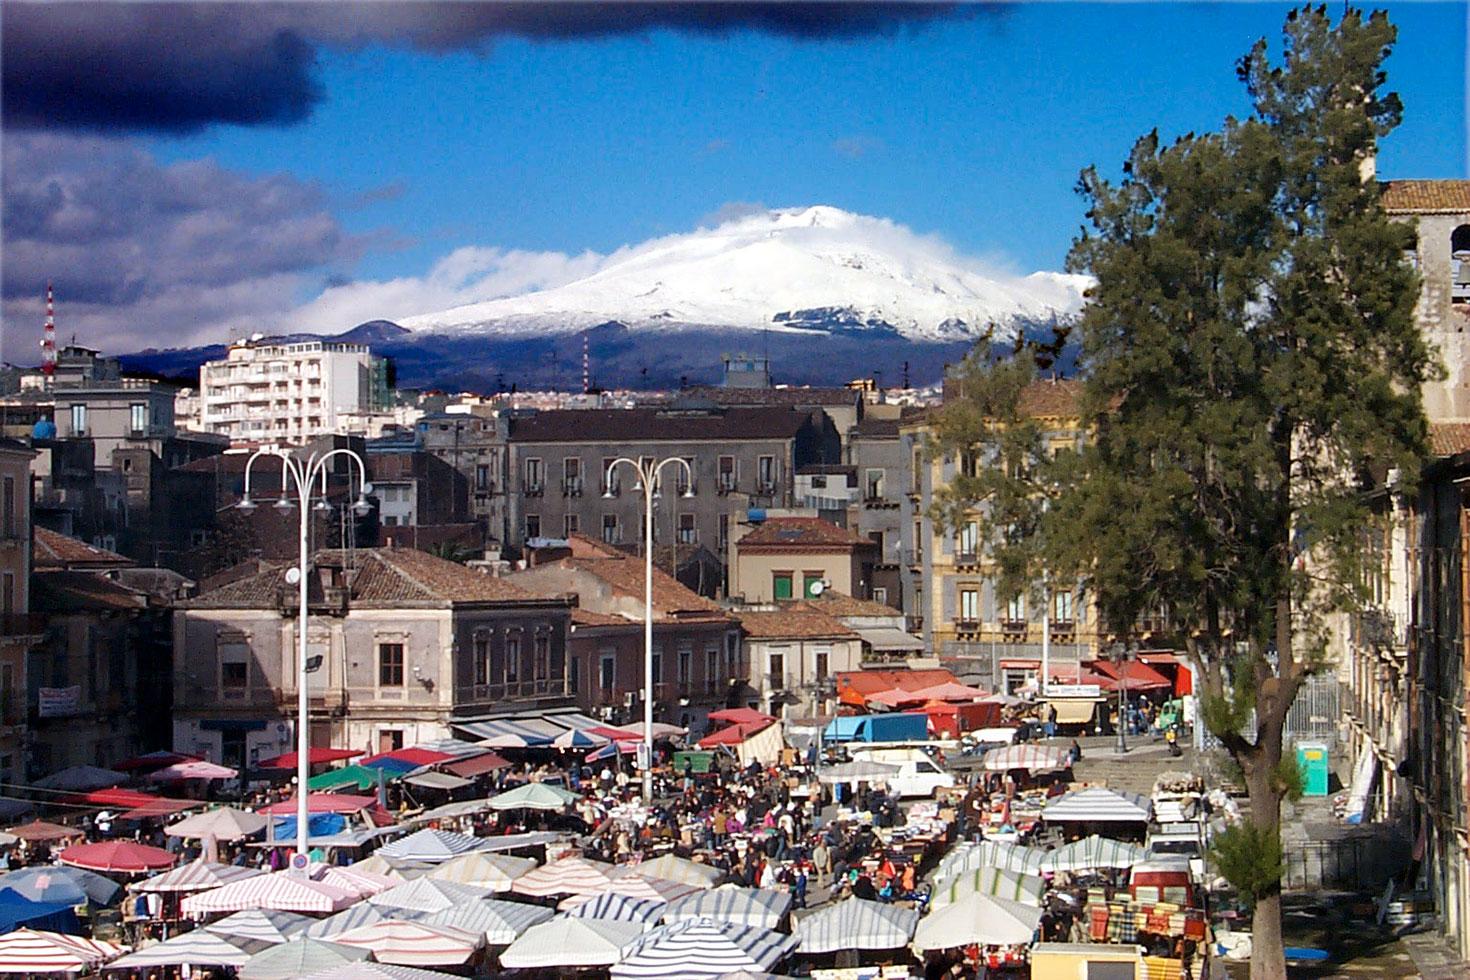 Il mercato a Piazza Carlo Alberto dopo un temporale